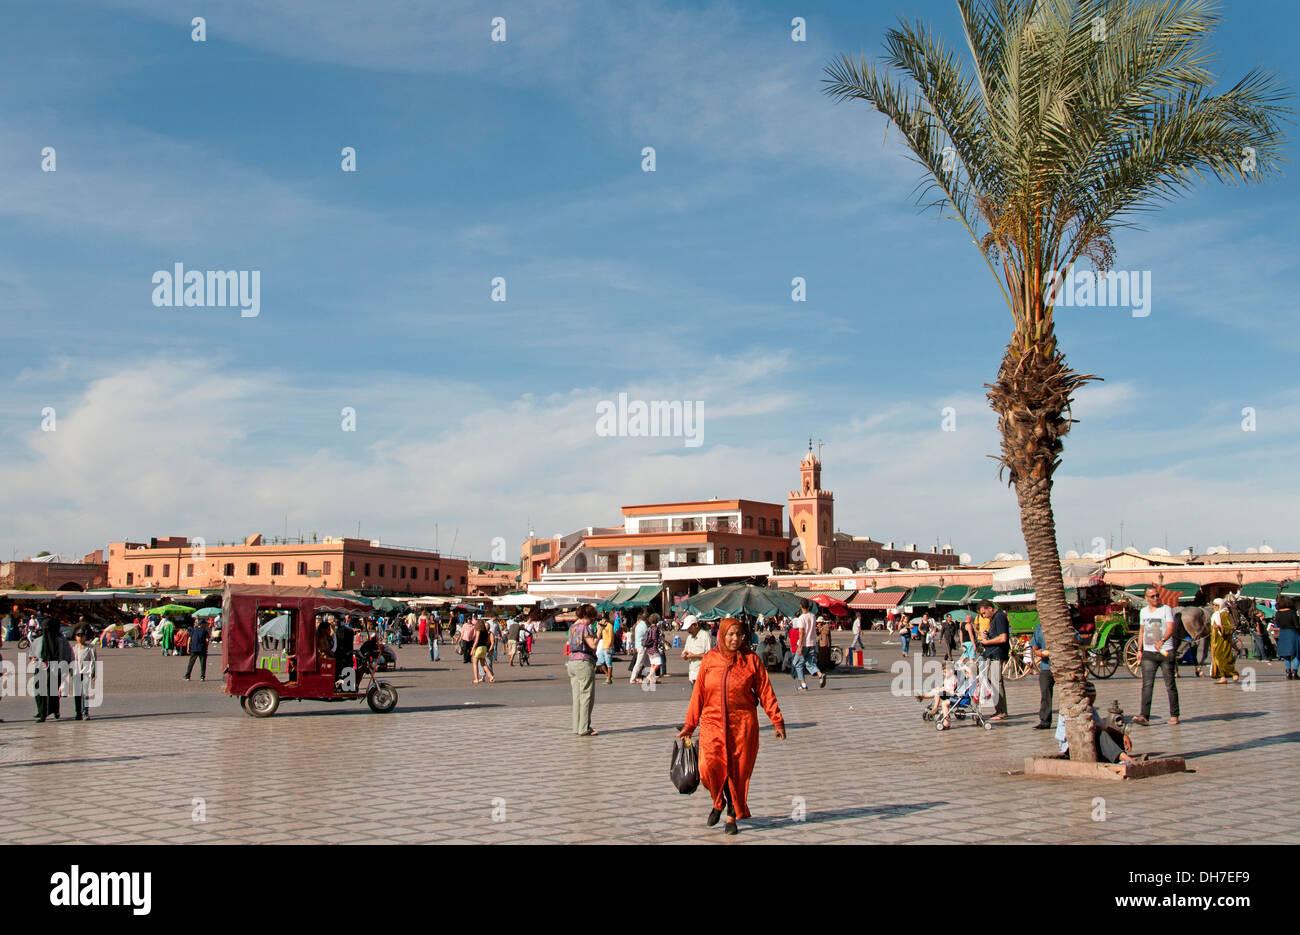 Jamaa el Fna è un quadrato e la piazza del mercato della Medina di Marrakesh trimestre (città vecchia) Marocco Immagini Stock